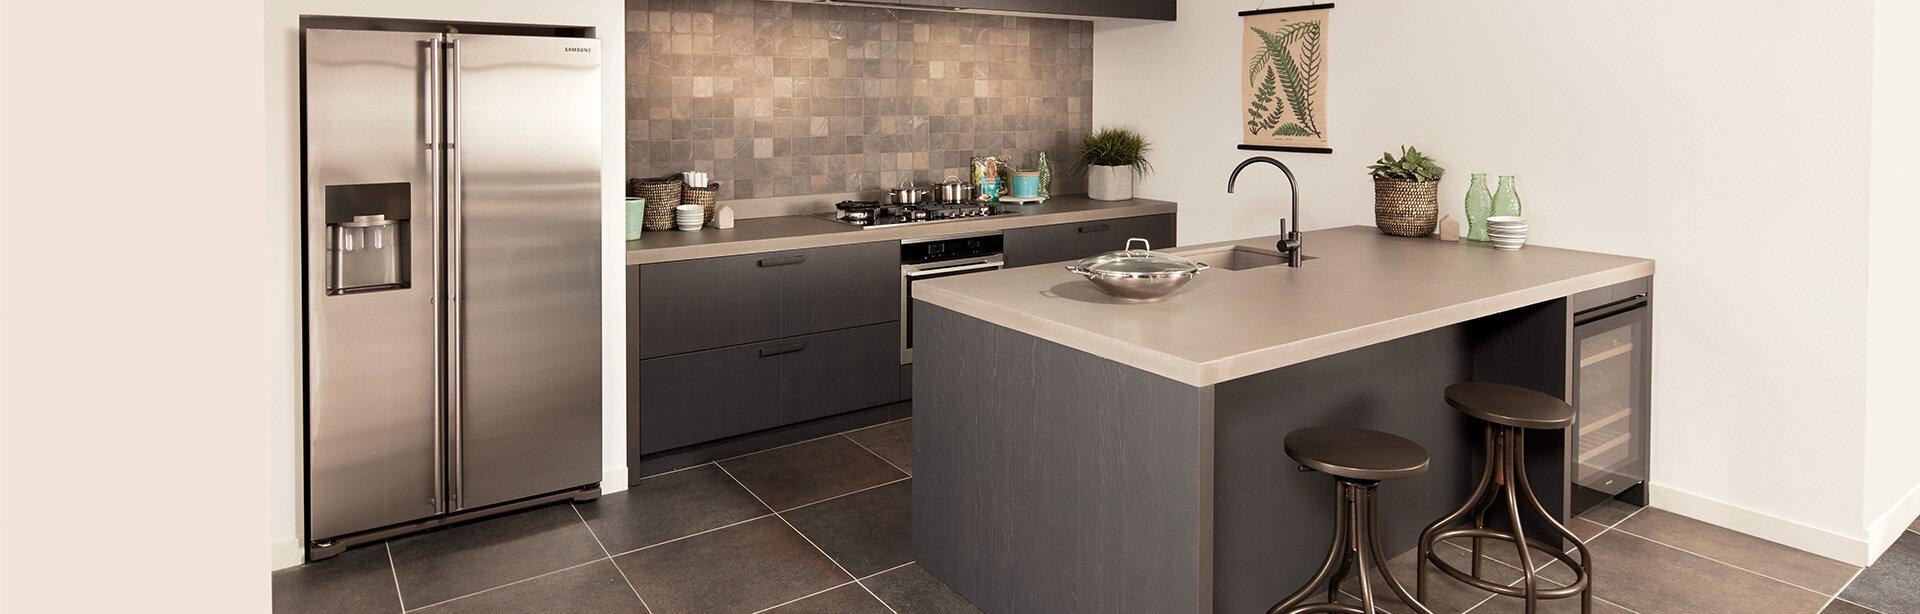 Betonlook keuken - Nieuwenhuis